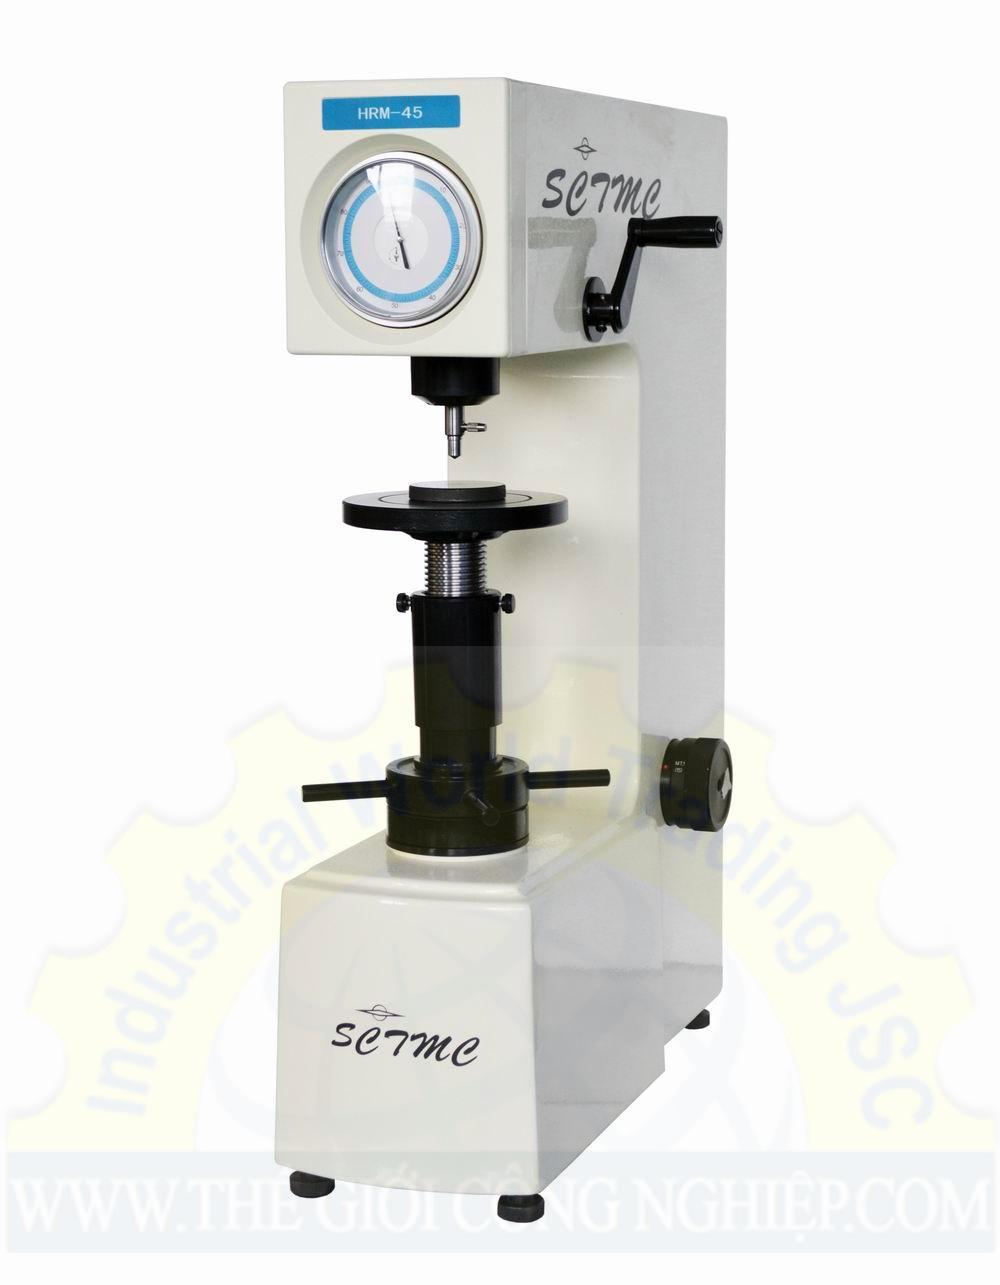 Máy đo độ cứng bề mặt Rockwell  HRM-45 SCTMC